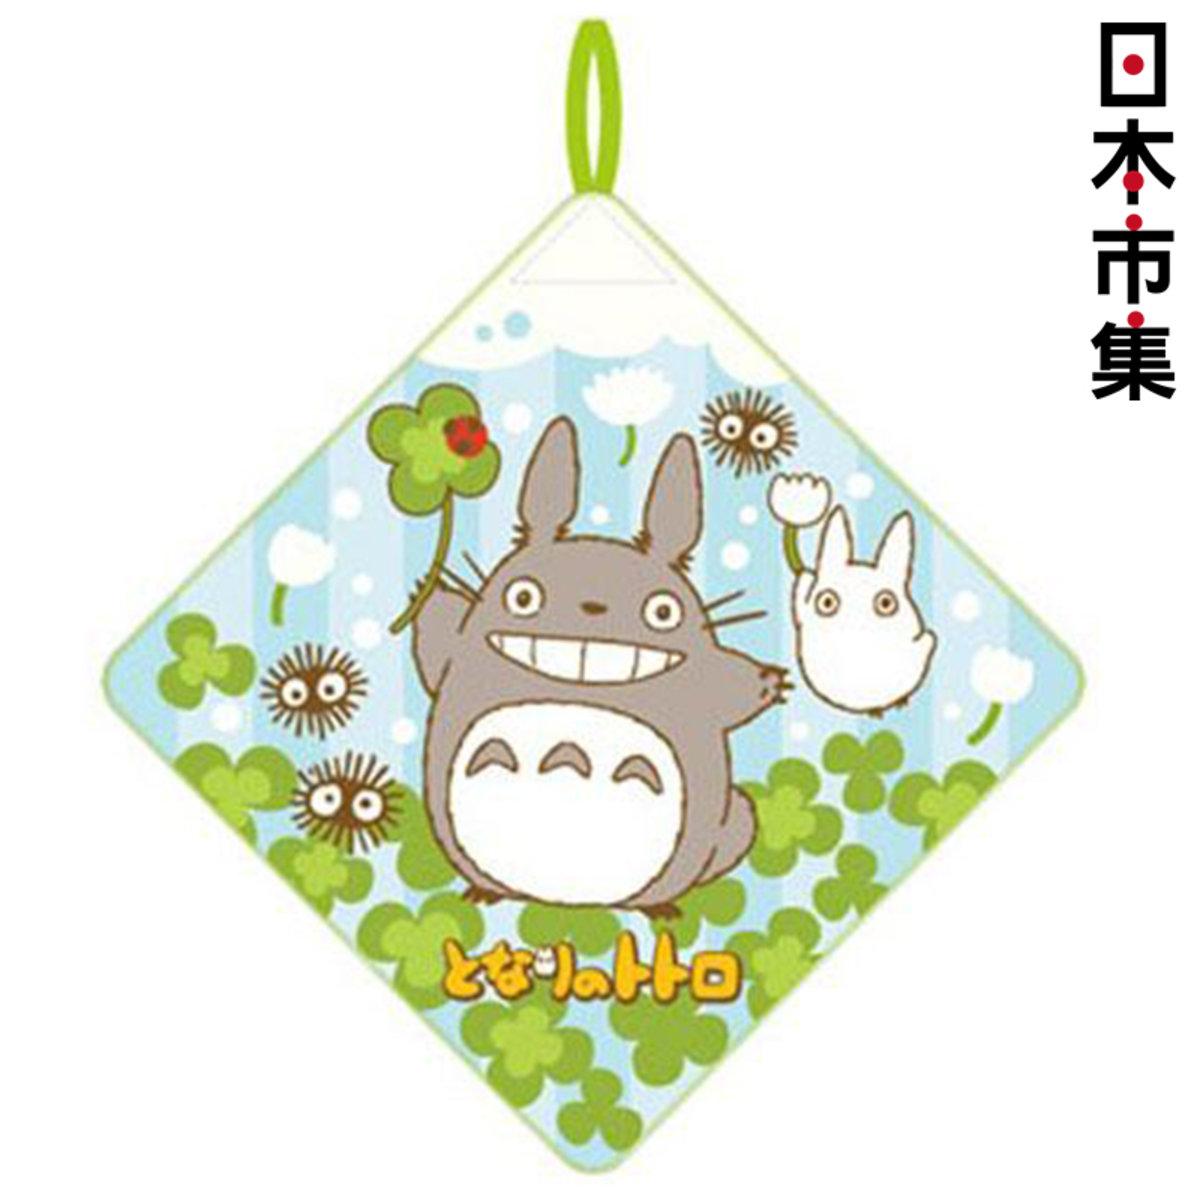 日版龍貓Totoro 抹手巾359 34x34cm【市集世界 - 日本市集】